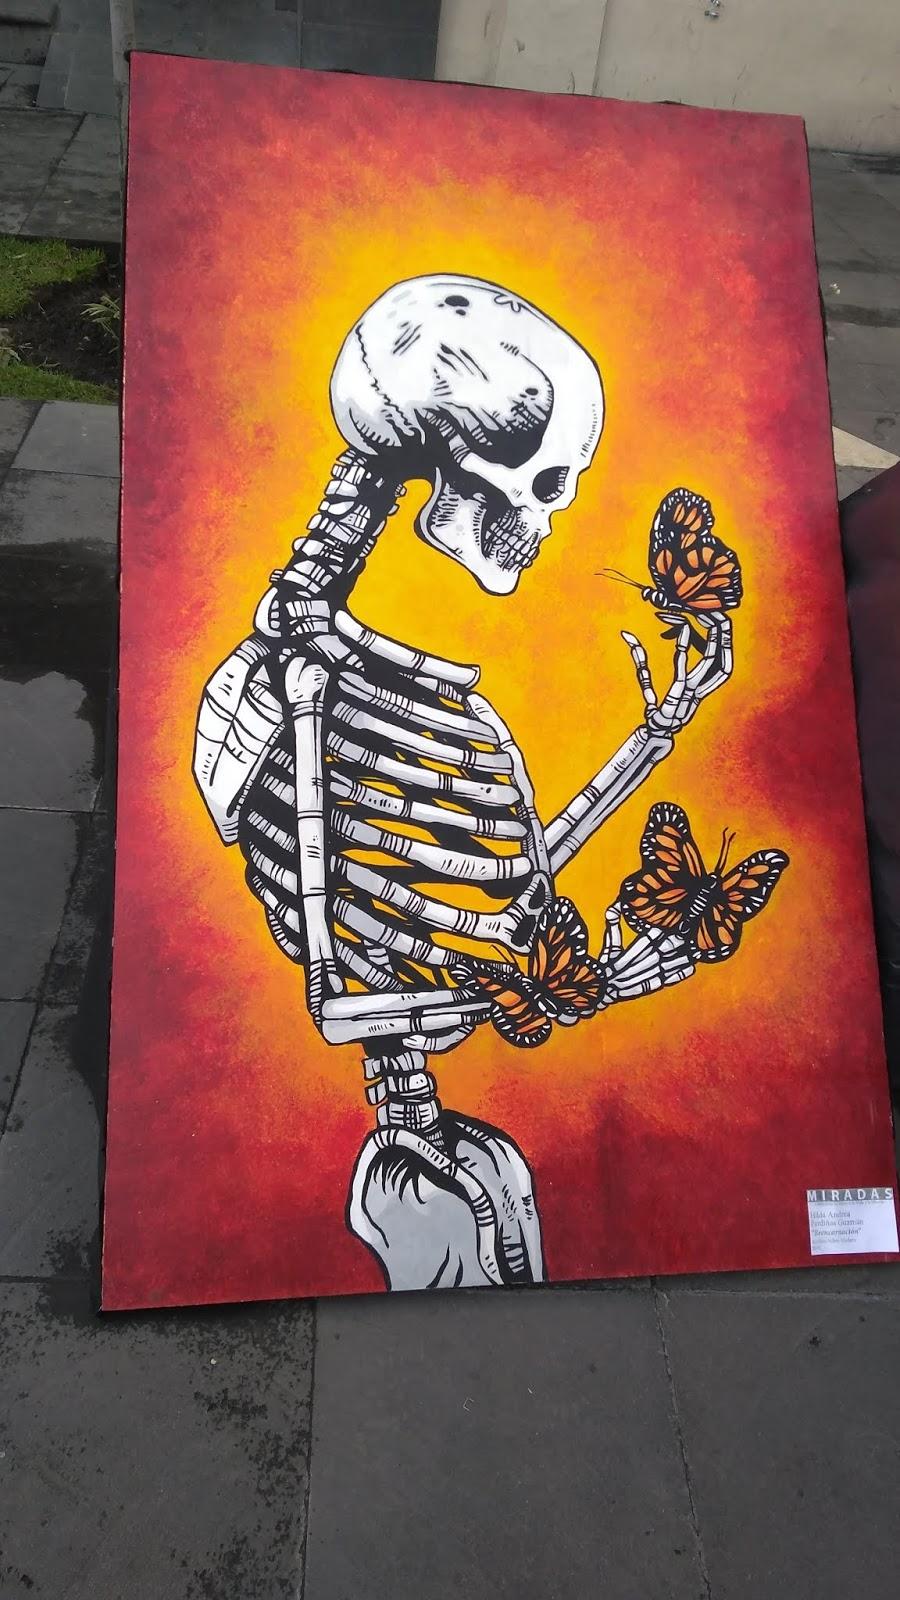 Imagen del lienzo canvas Print muro imágenes son impresiones artísticas punk rock cráneo cabeza calavera